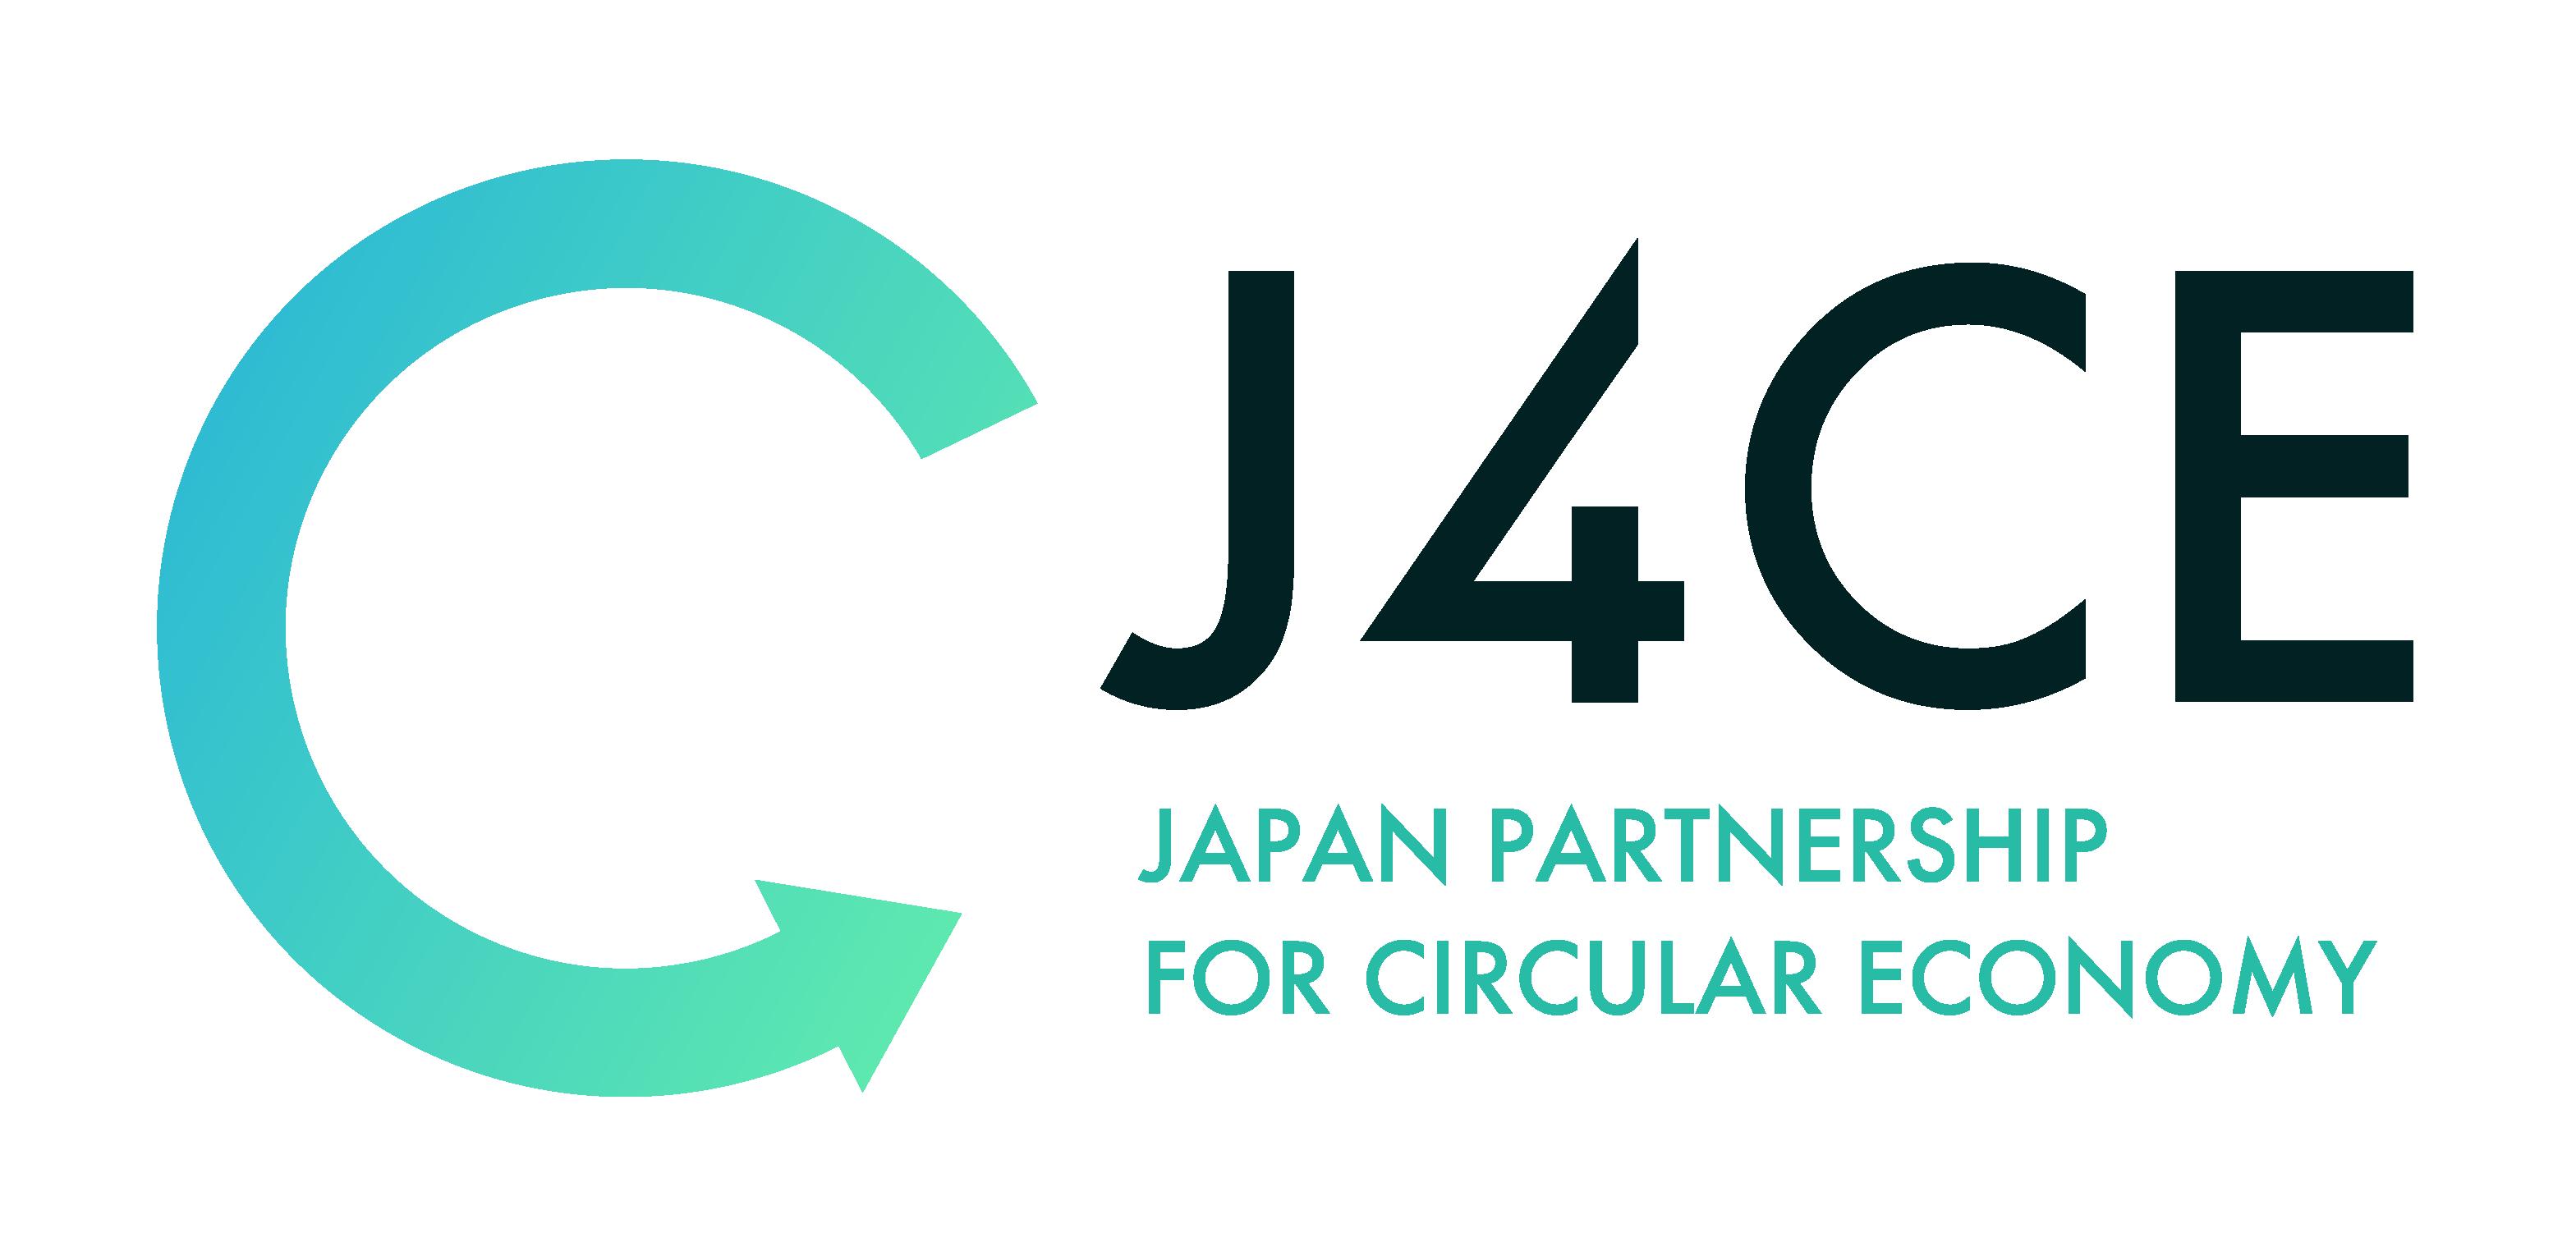 エフピコ方式のリサイクルが循環経済パートナーシップの「注目事例集」として掲載されました